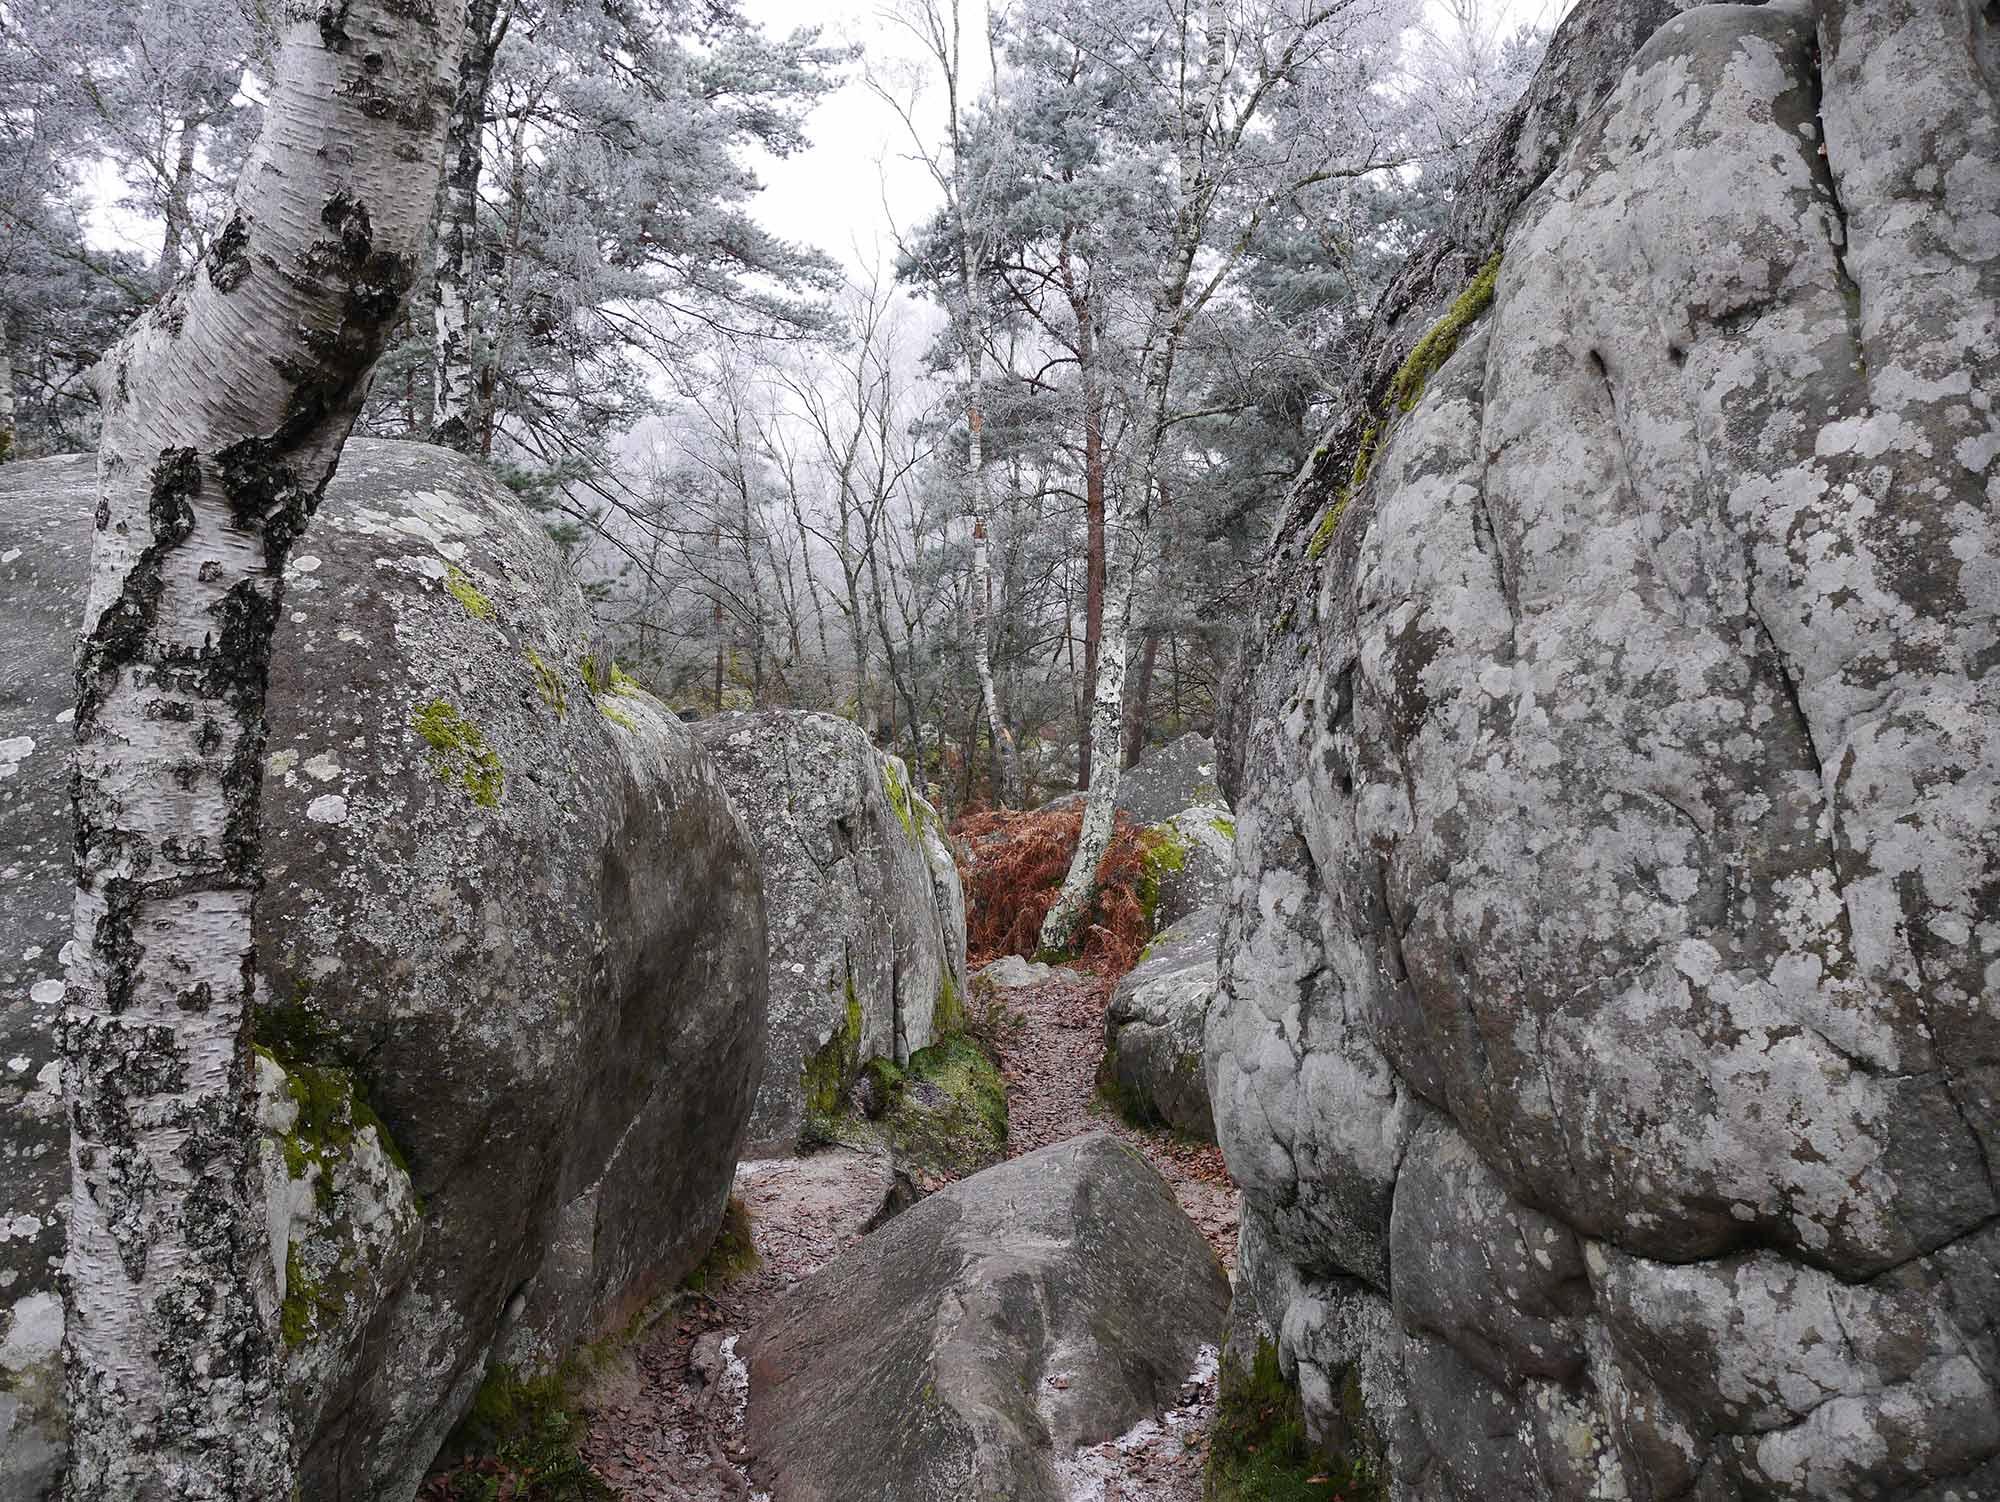 7_Fontainebleau_LocalLegends.jpg